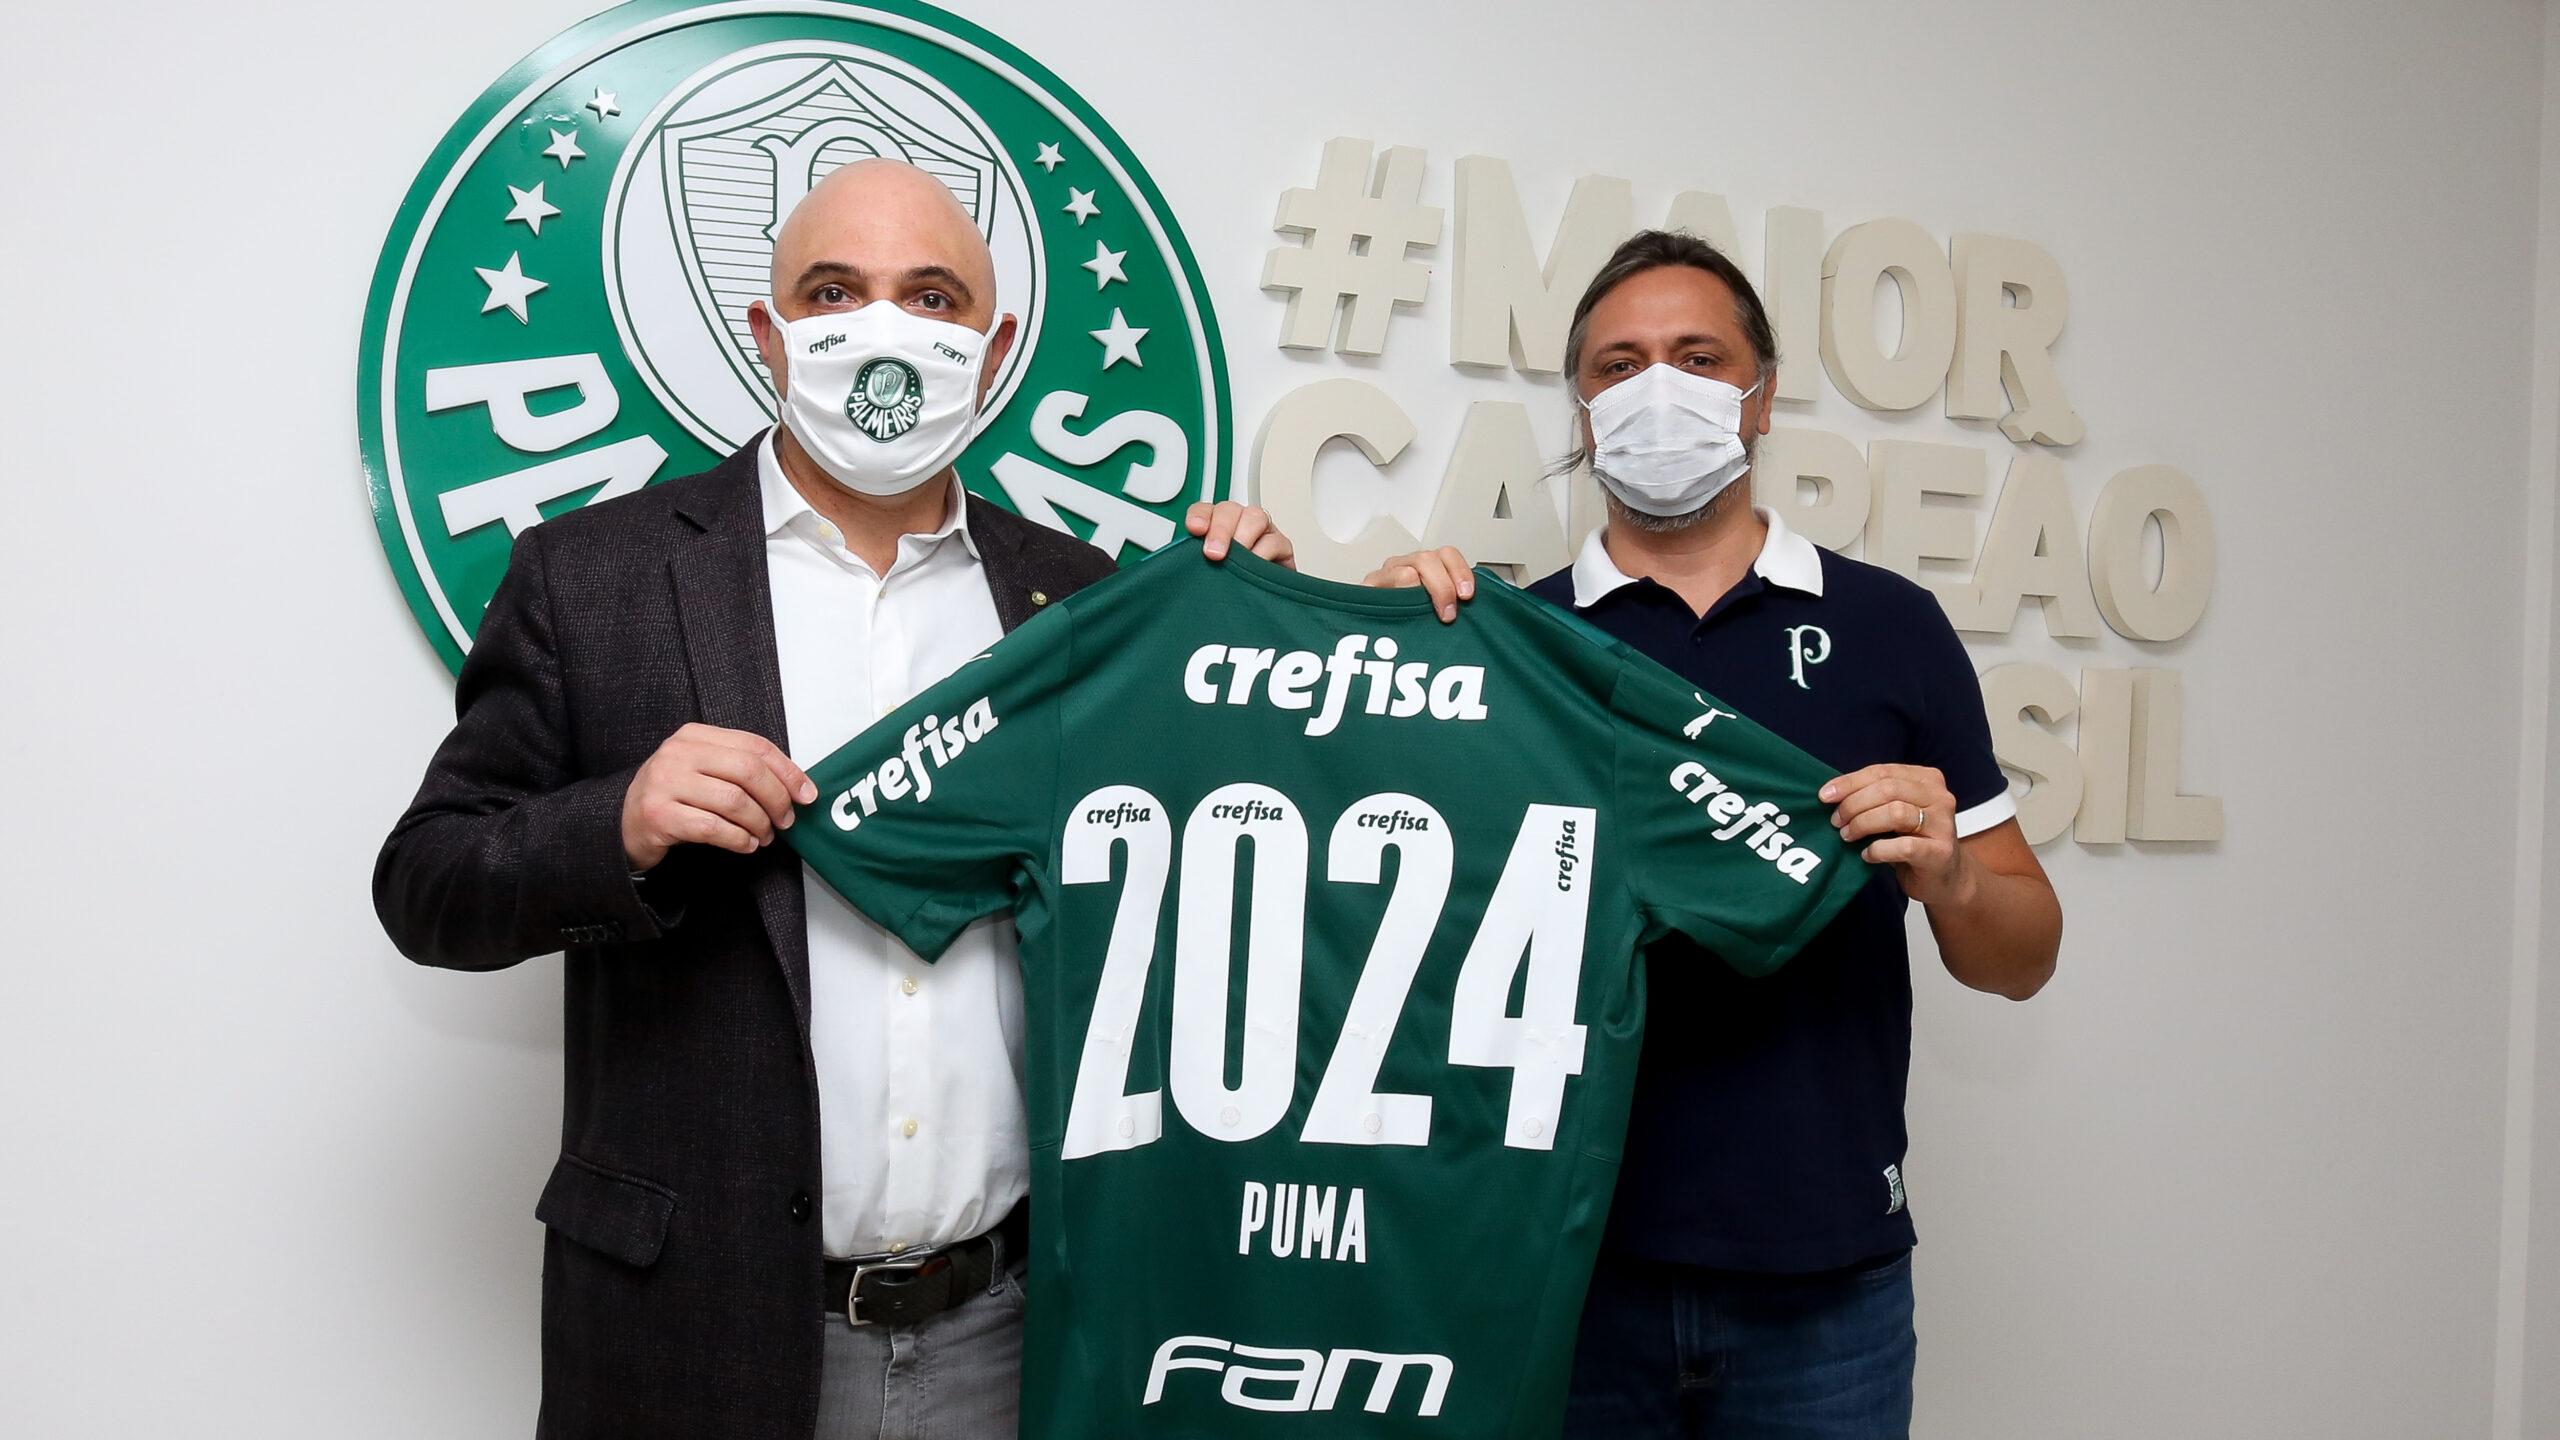 PUMA e Palmeiras renovam parceria até 2024